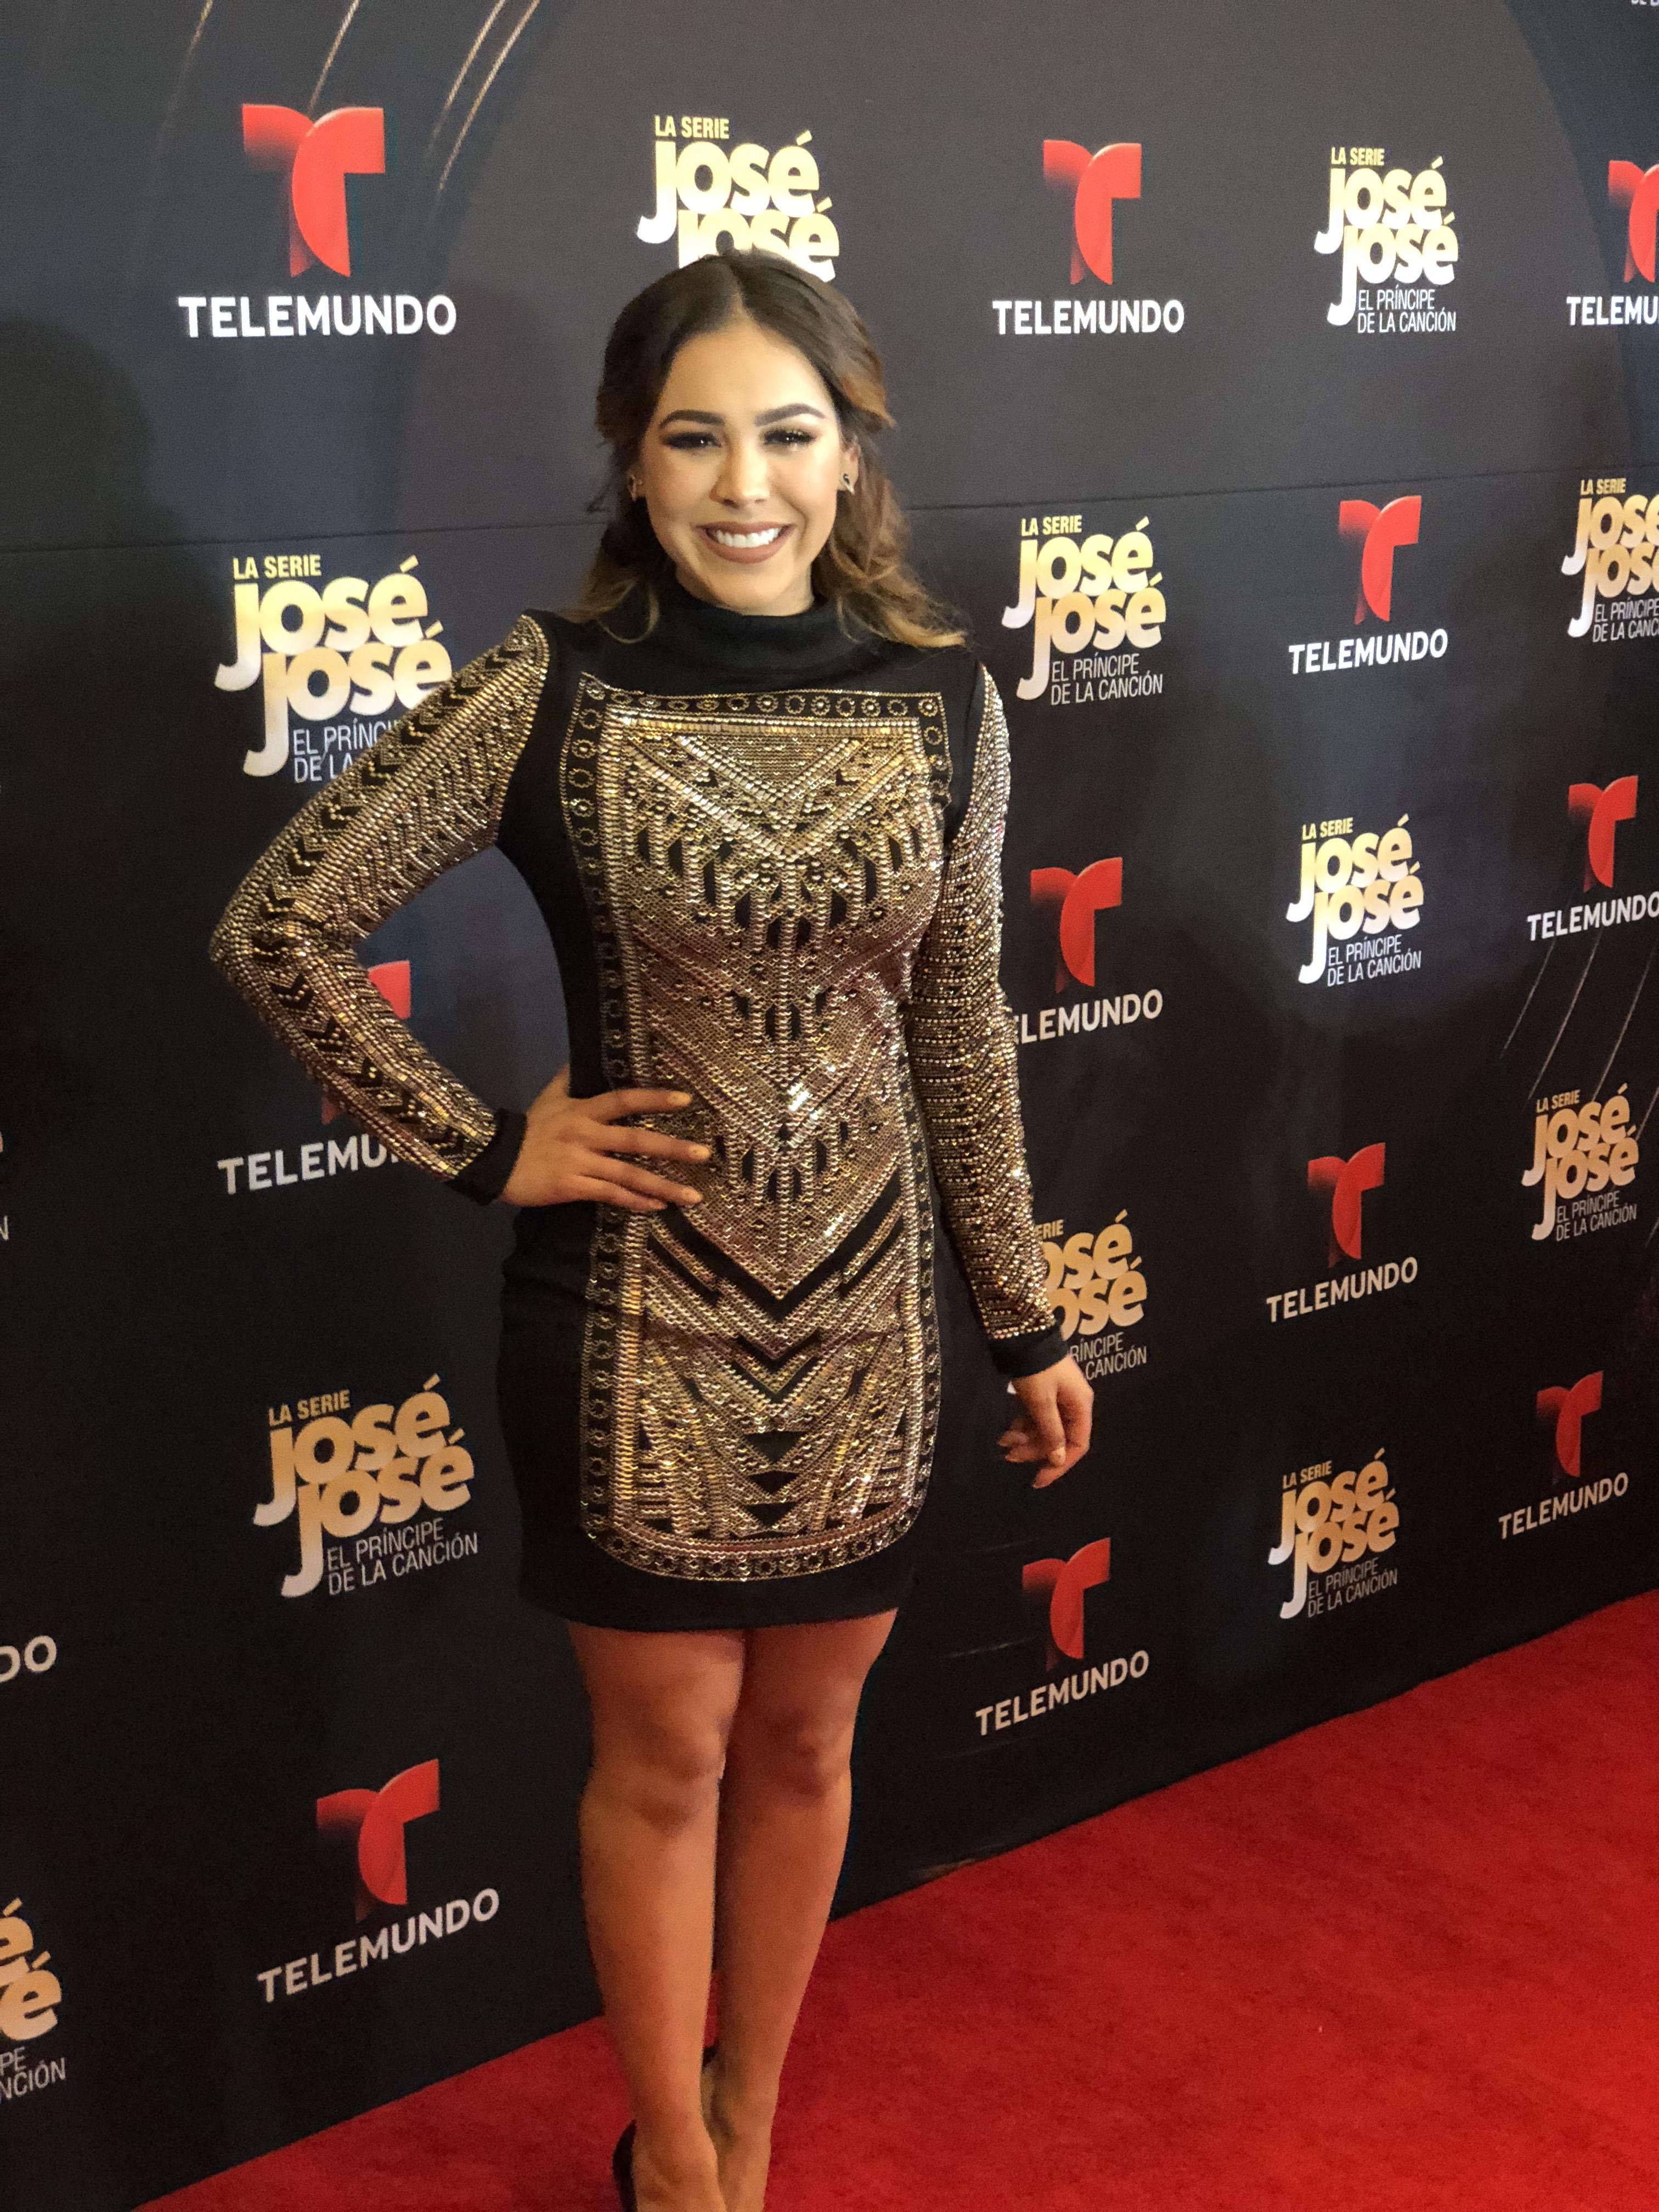 Danna Paola participa en la bioserie de José José